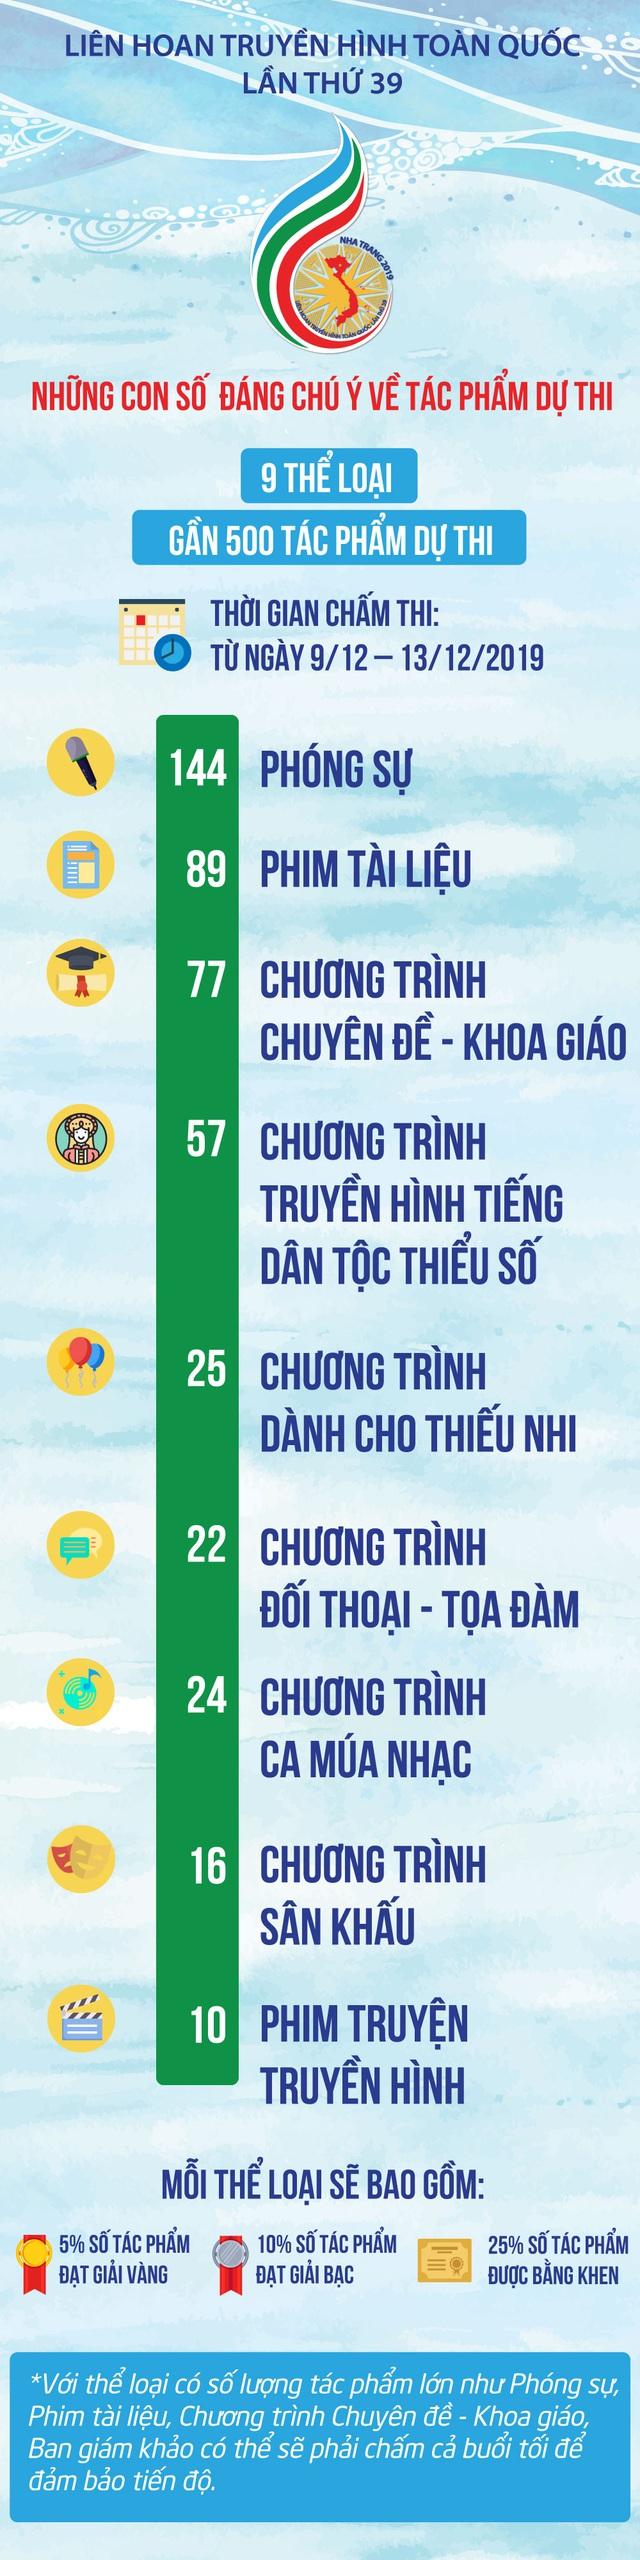 [Infographic] Những con số đáng chú ý về tác phẩm dự thi LHTHTQ lần thứ 39 - Ảnh 1.